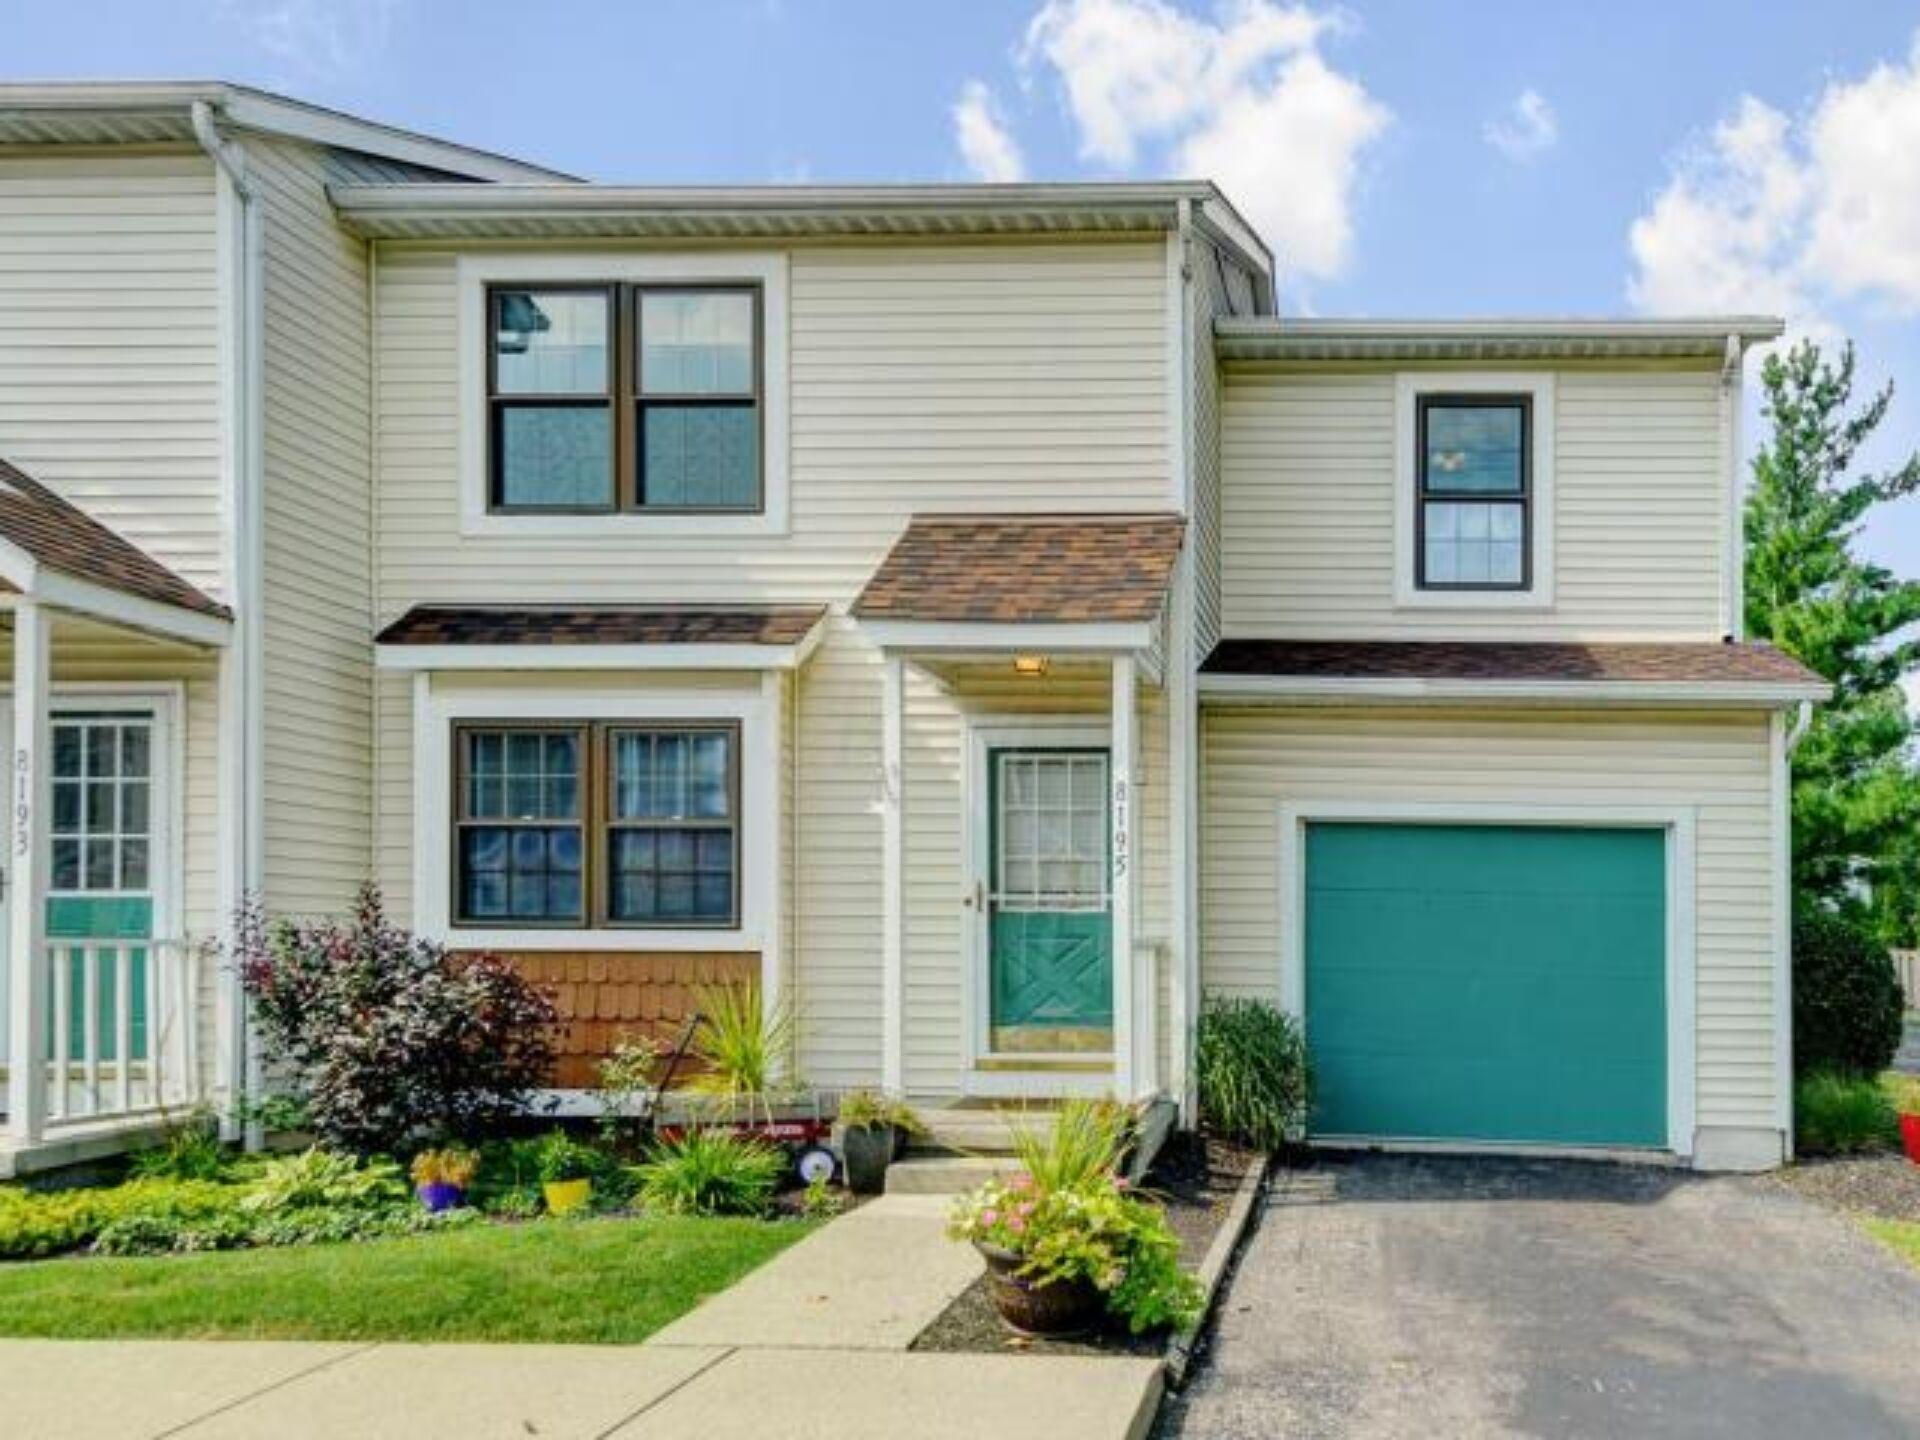 3 bedroom condo, 1.5 bath, 1 car garage – Worthington schools